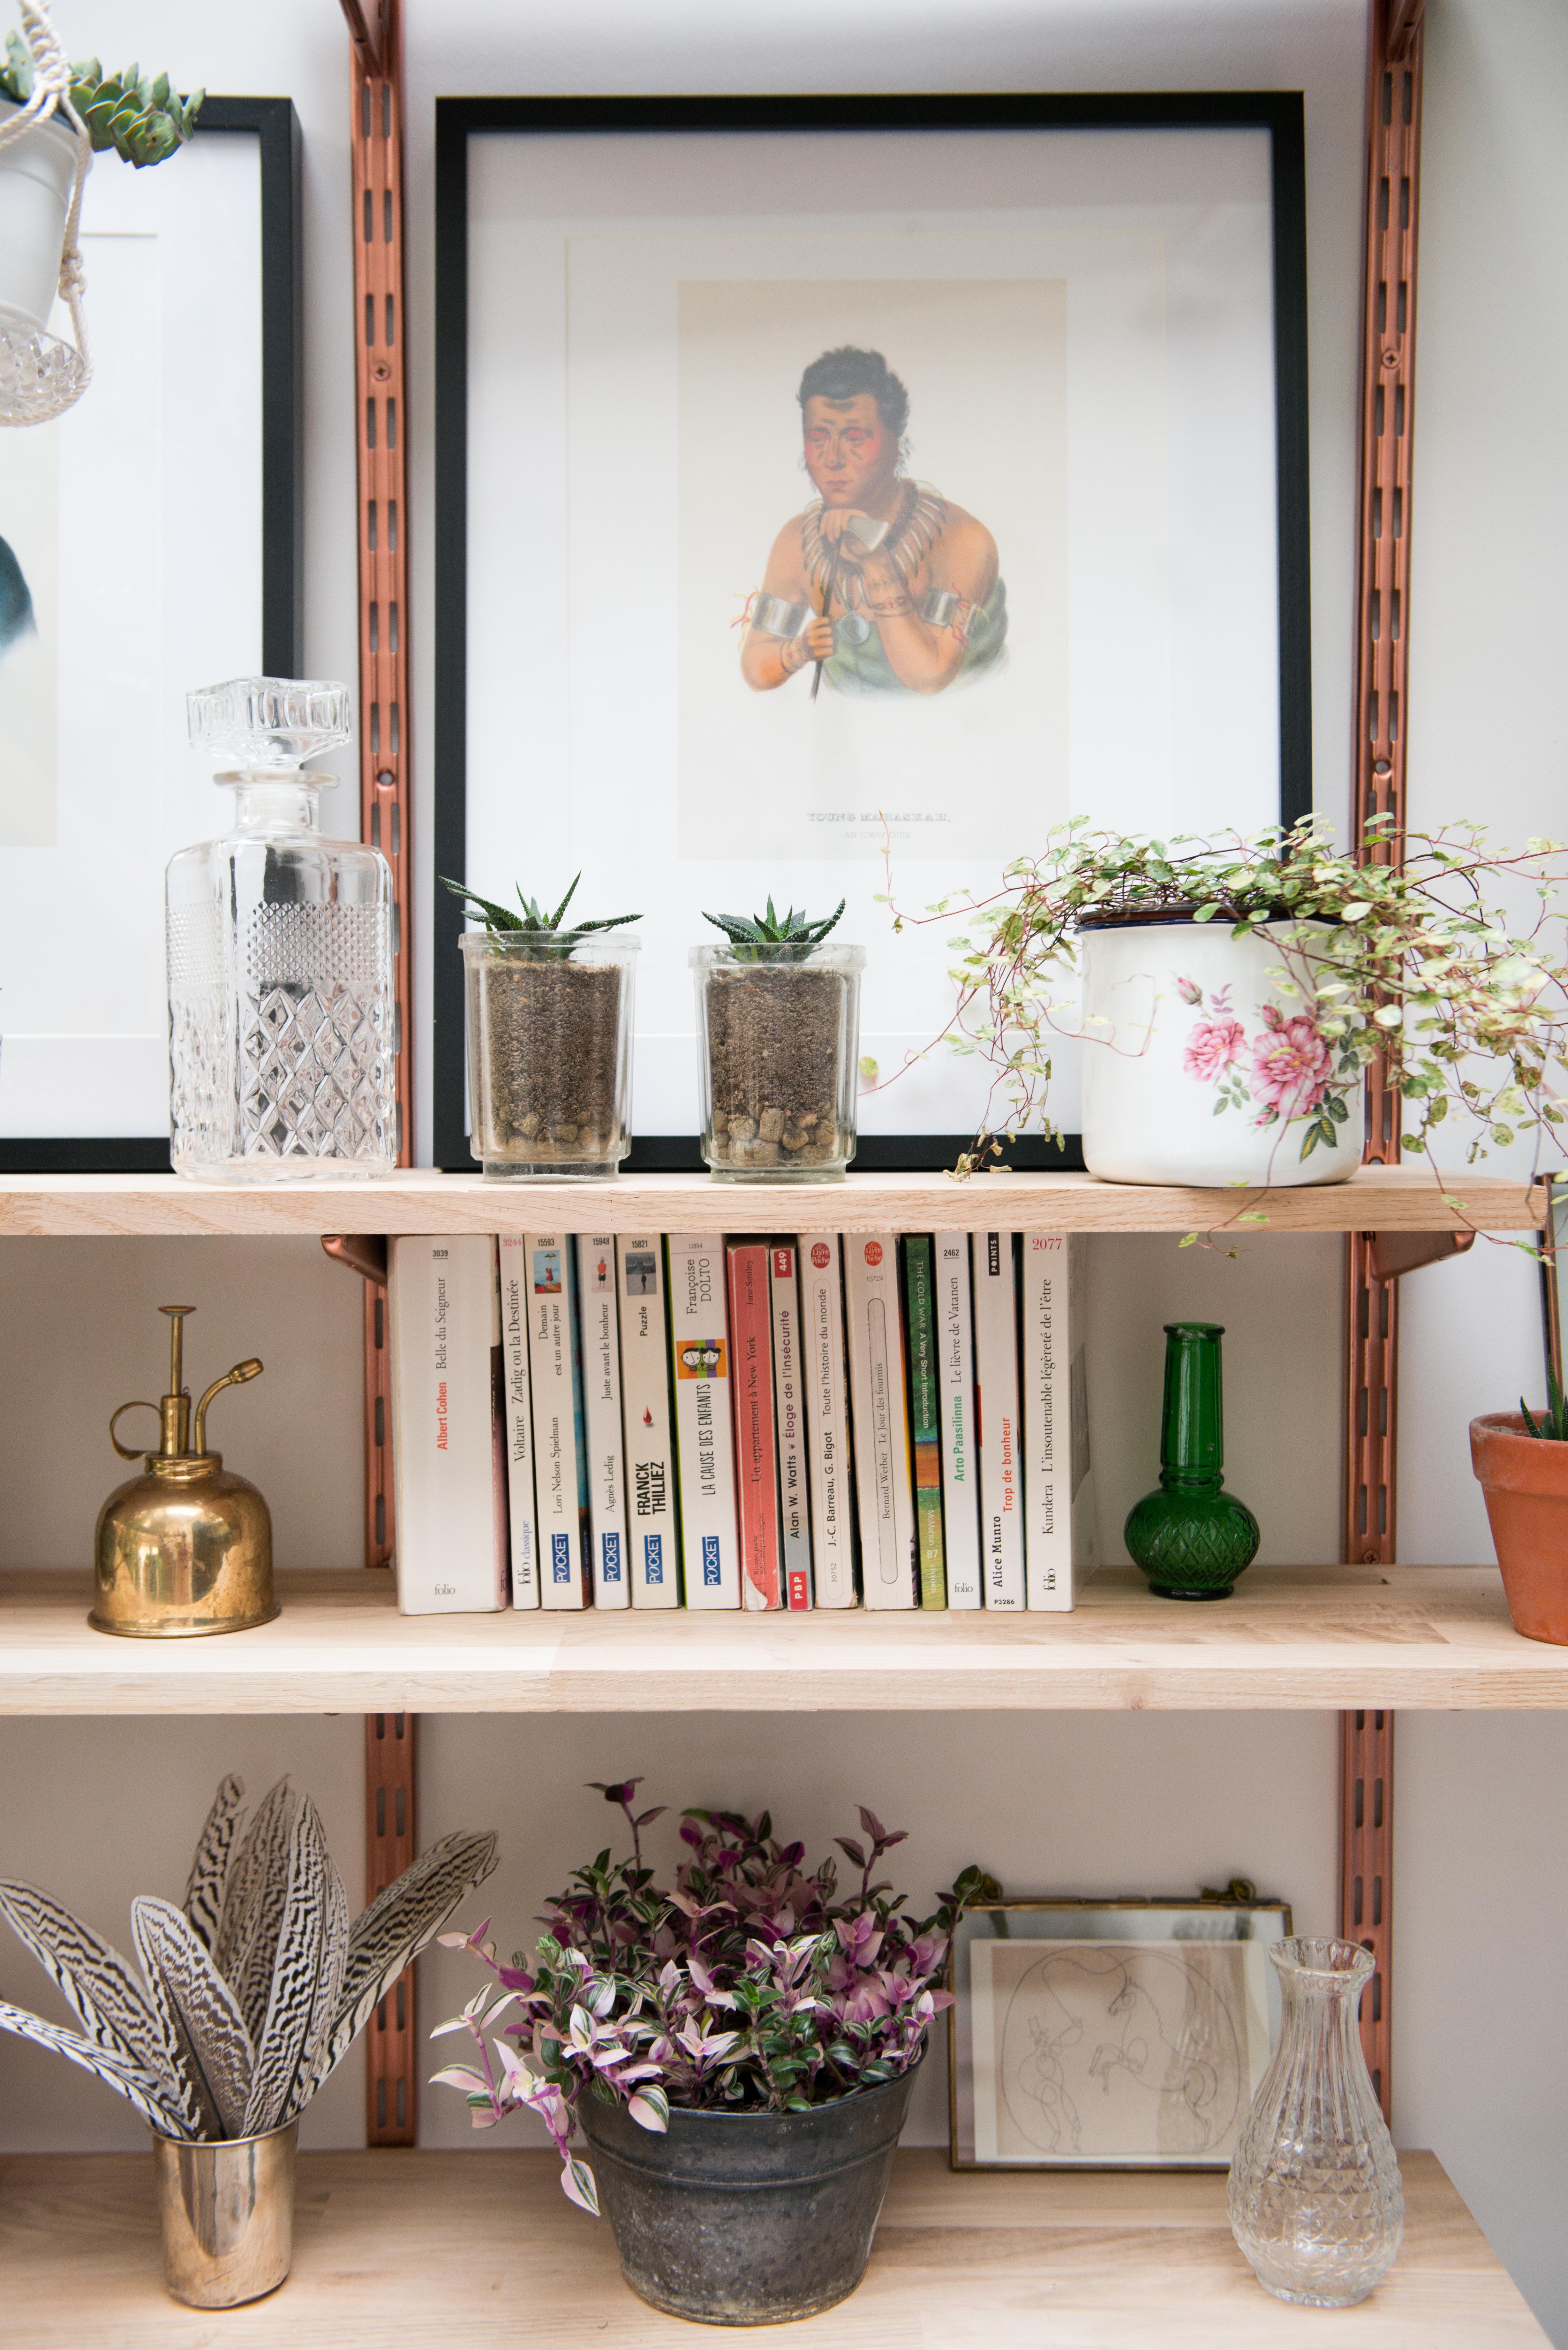 décoration végétale cactus tradescantia pots vintage étagère murale végétalisation